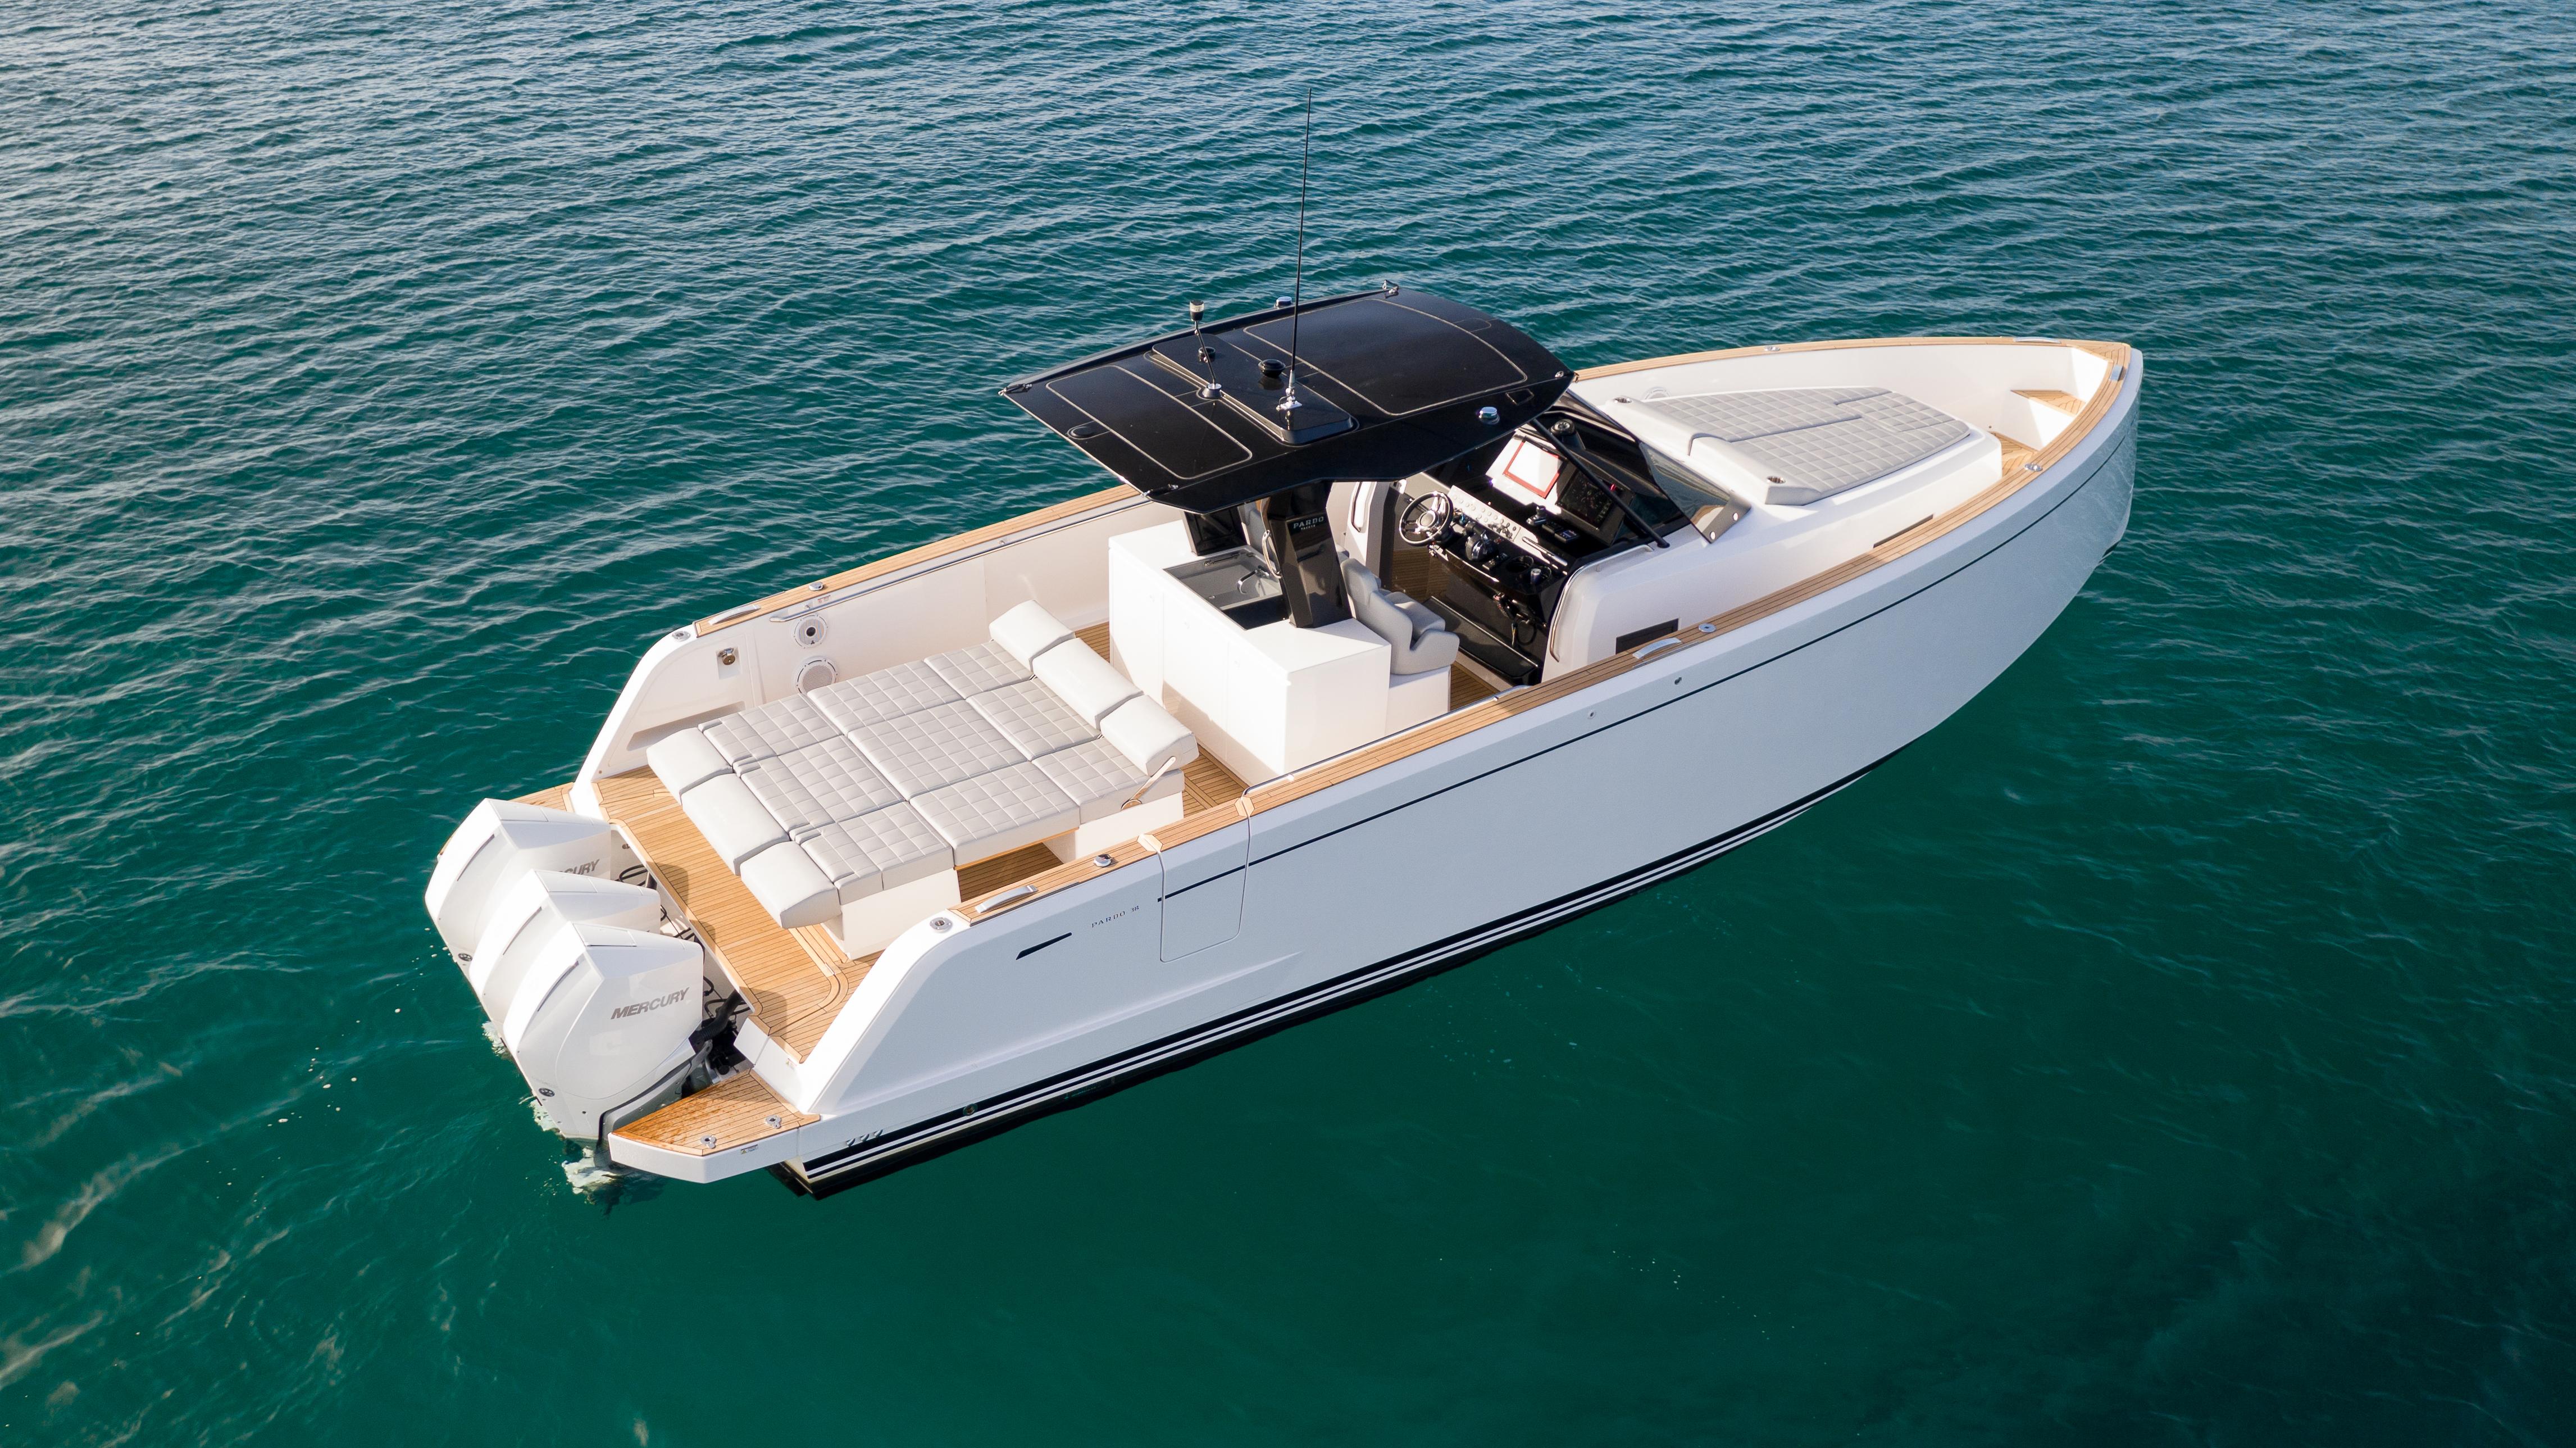 2022 Pardo 38 Outboard